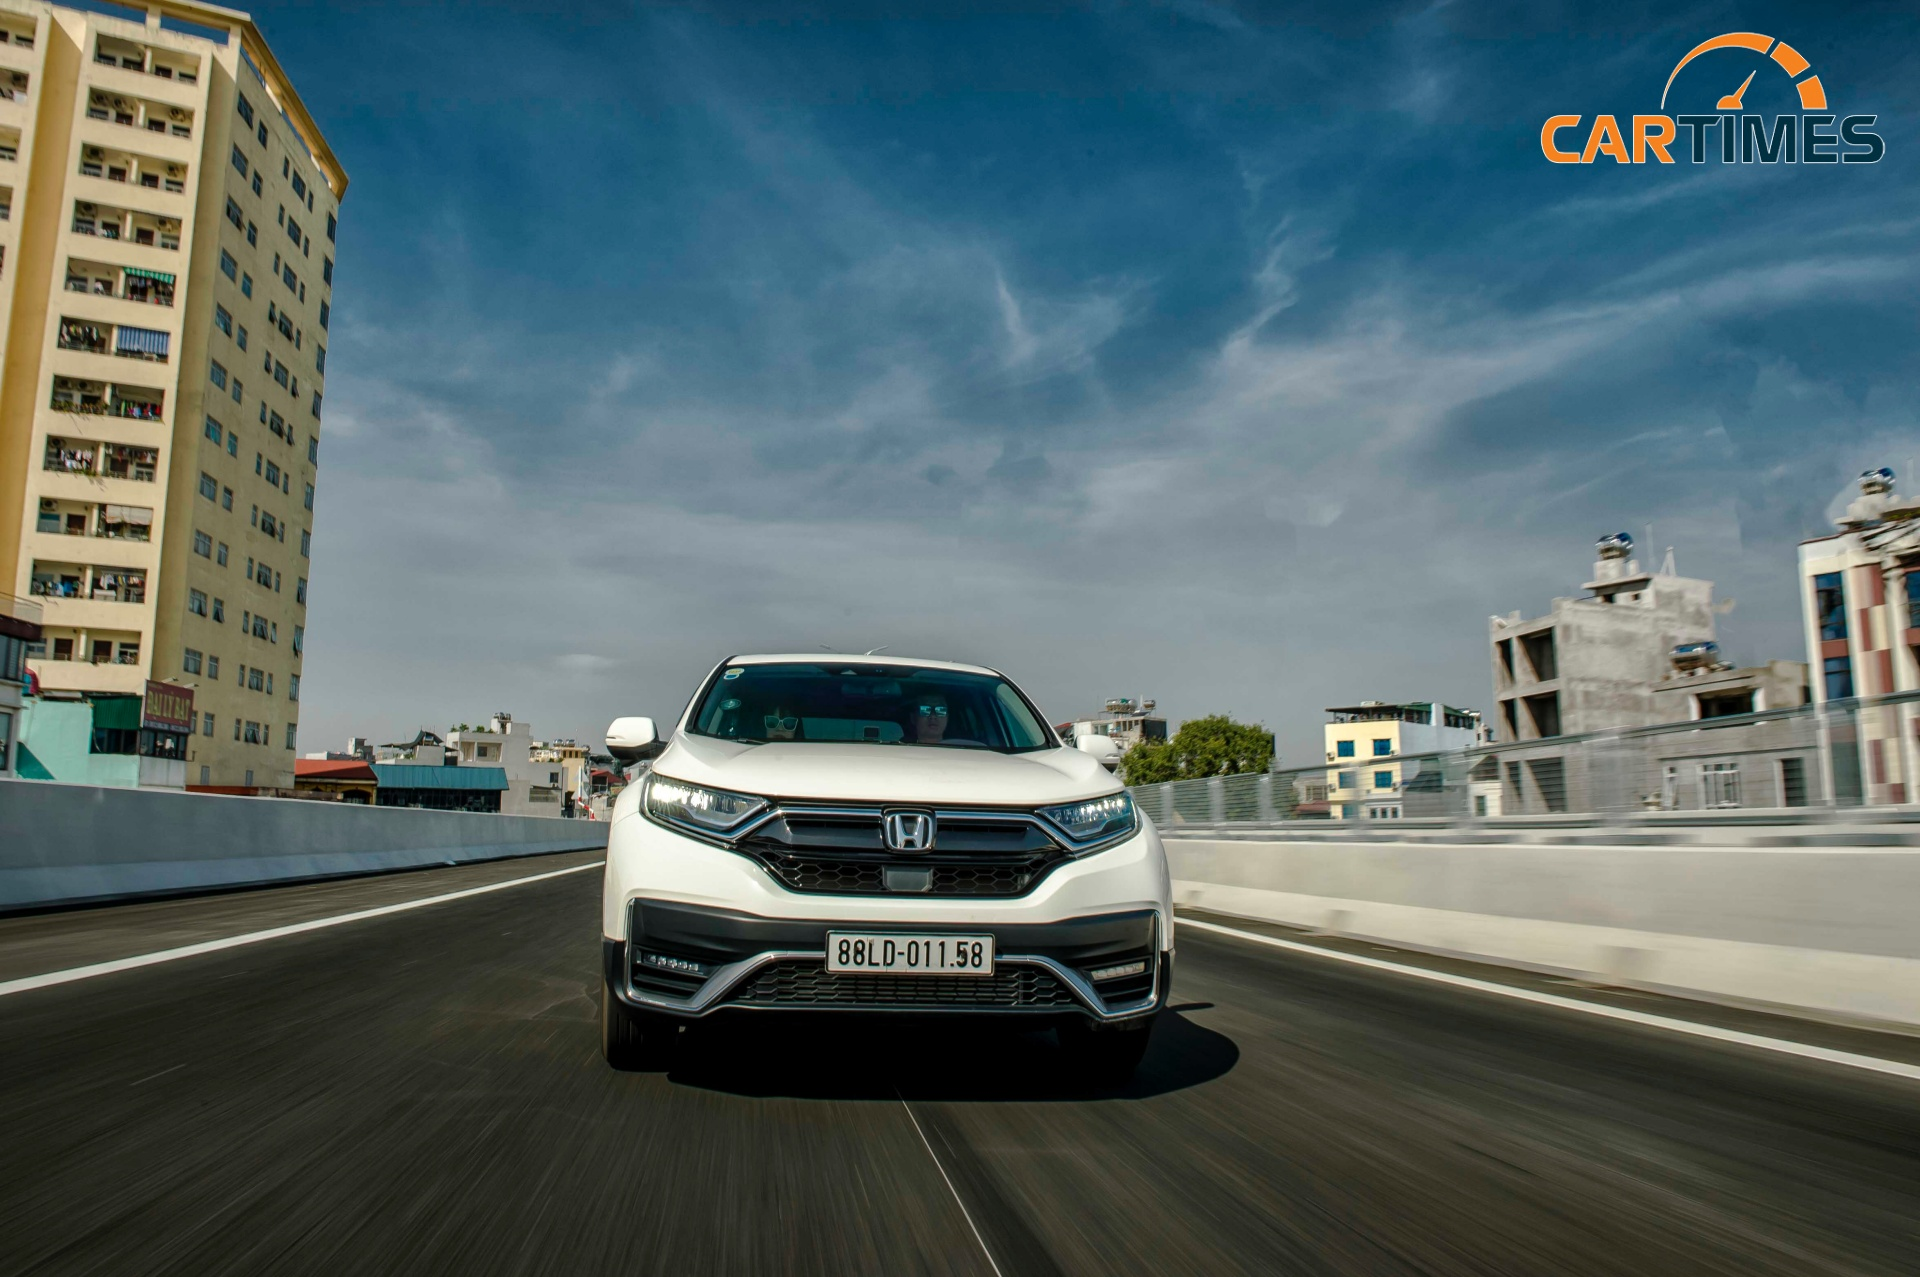 Các tính năng an toàn trên Honda CR-V 2020 giúp chuyến đi an toàn hơn